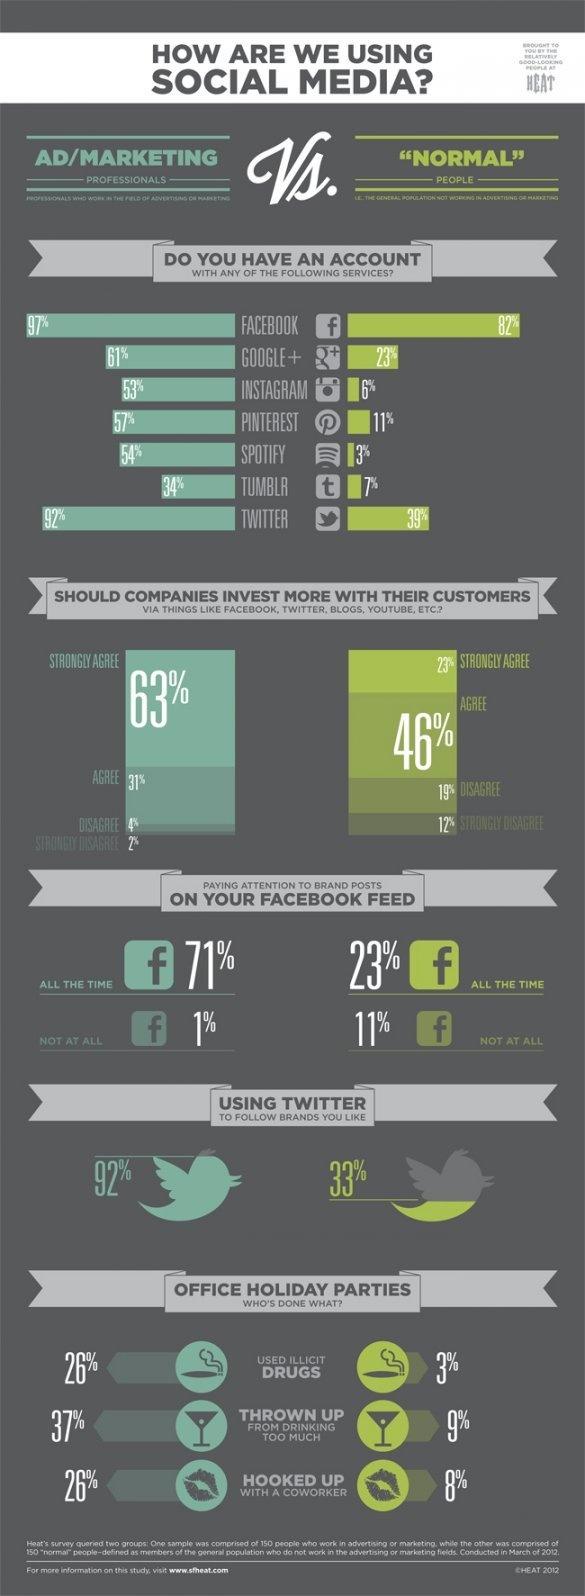 Cómo estas usando las redes sociales?